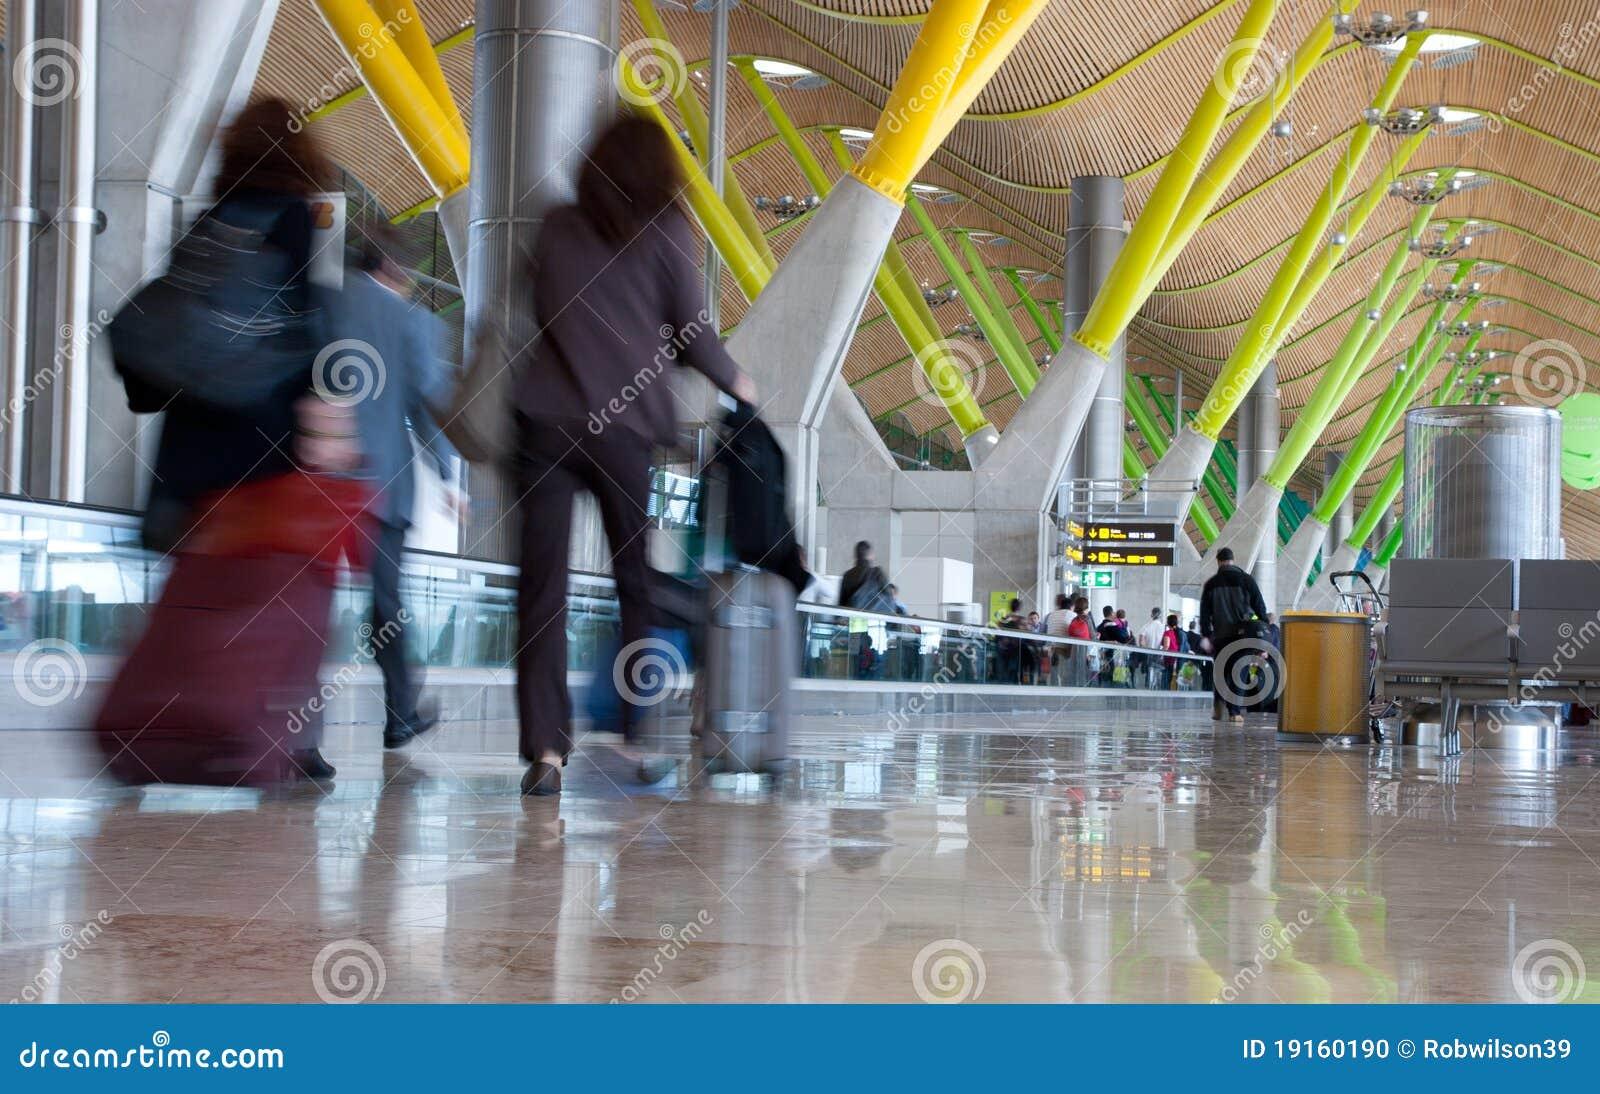 Terminale T4, nell aeroporto del Barajas, Madrid.